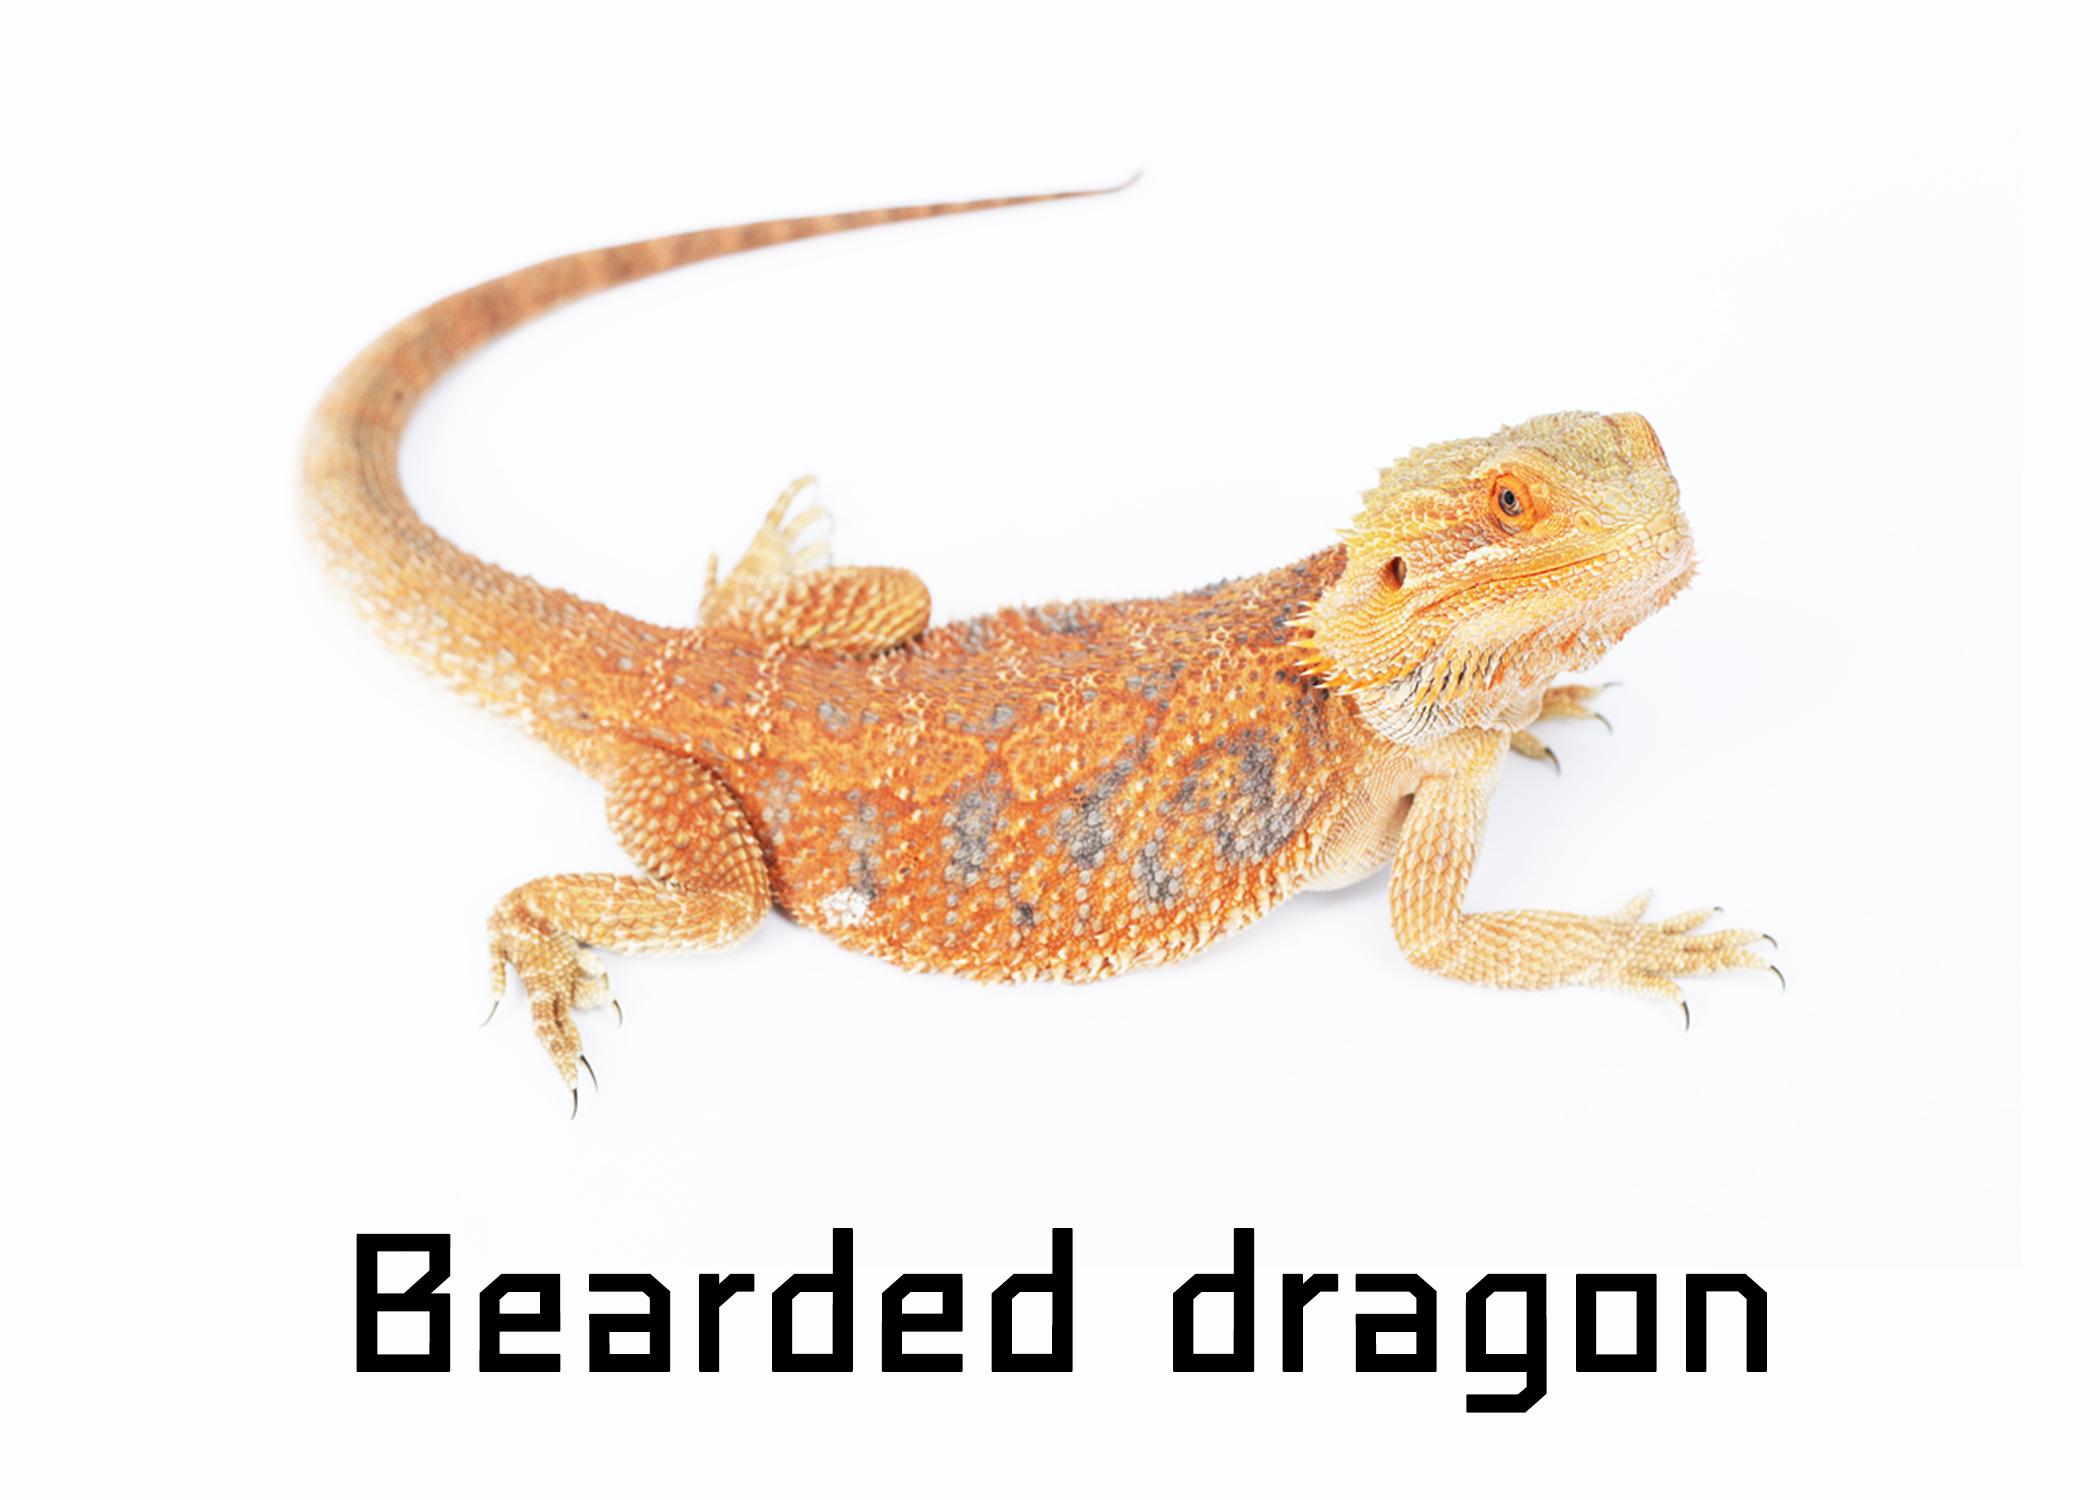 Bearded dragon เบี๊ยดดราก้อน